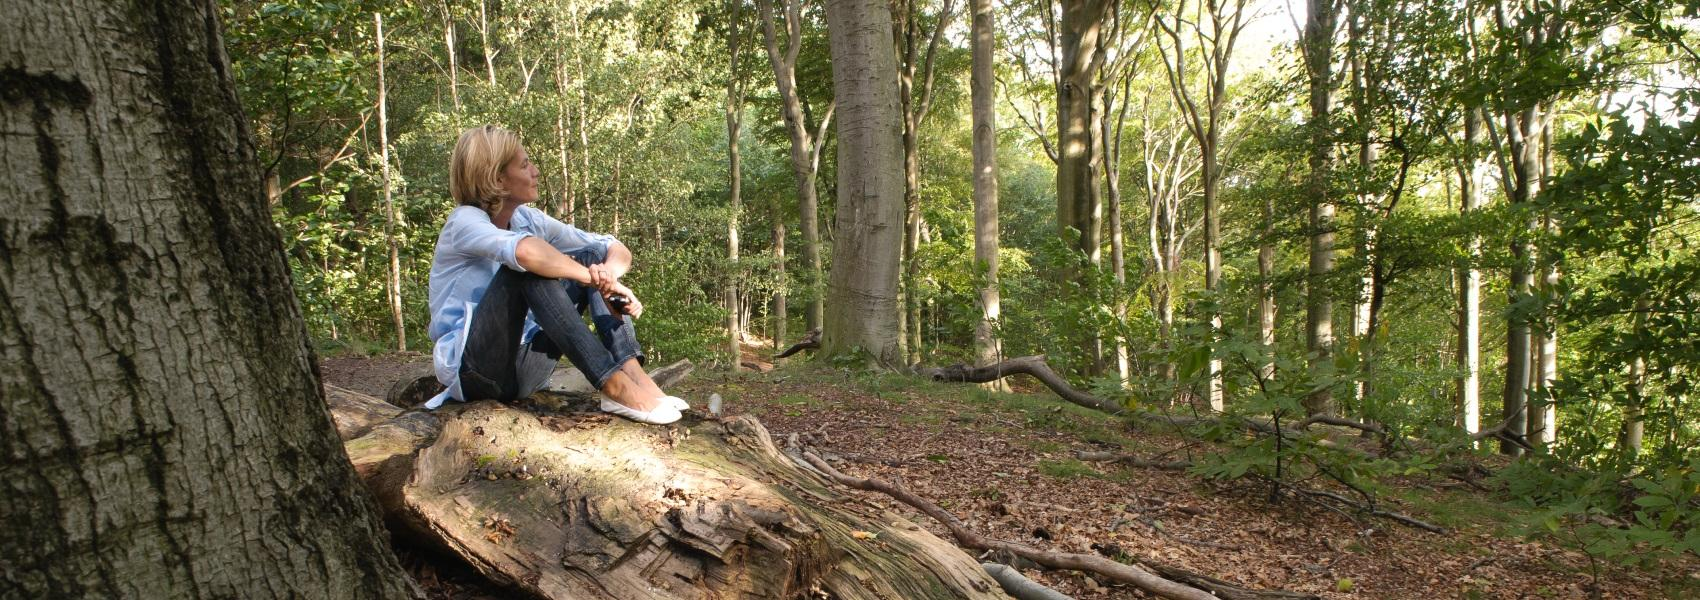 vrouw zittend op boomstam